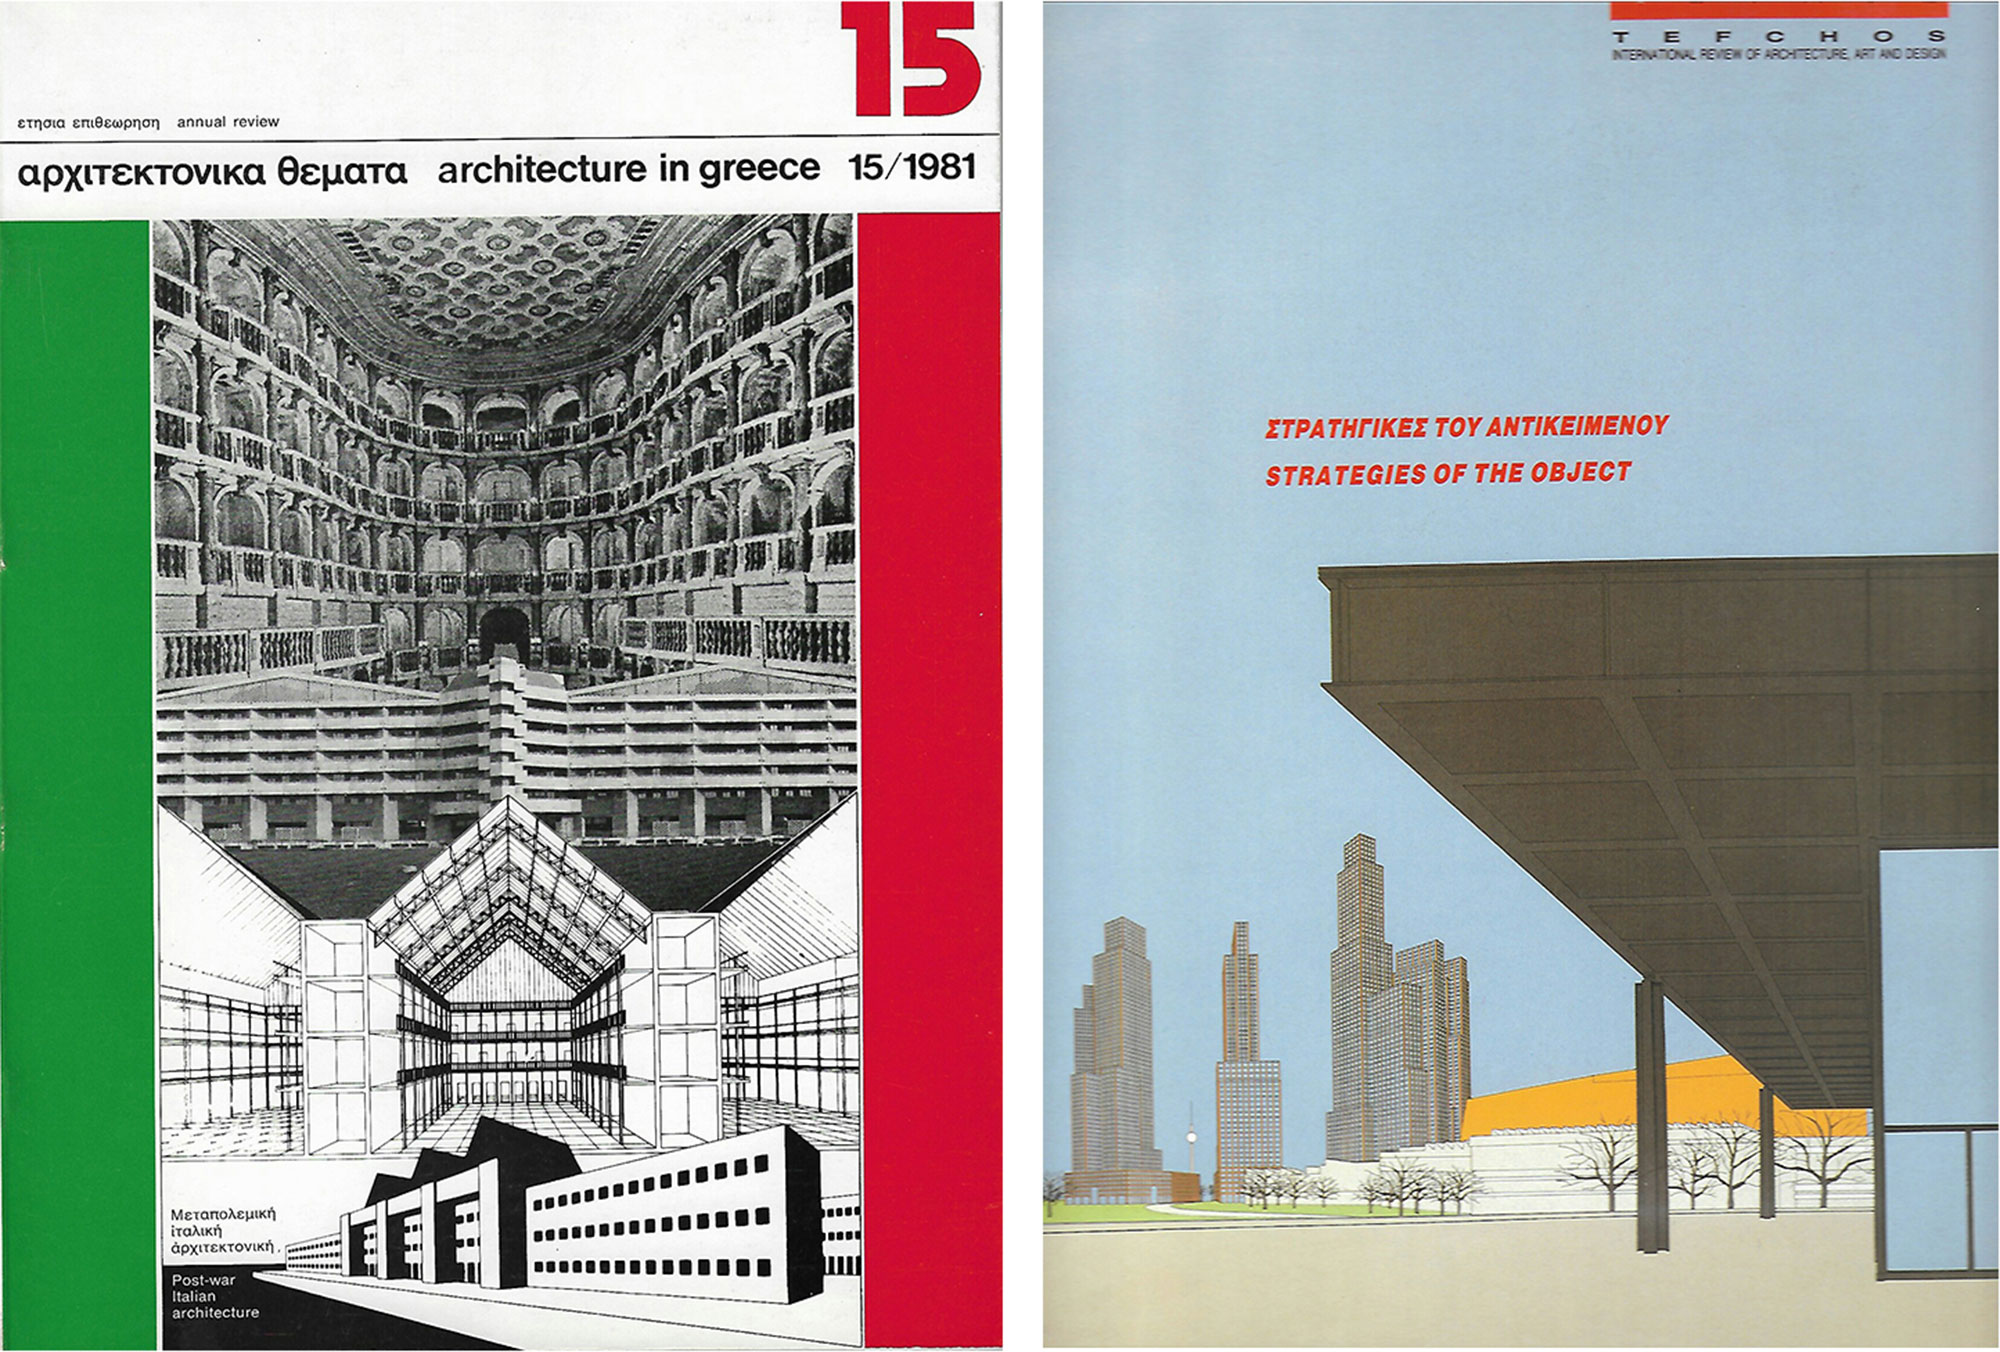 Στοιχεία για τον αρχιτεκτονικό τύπο